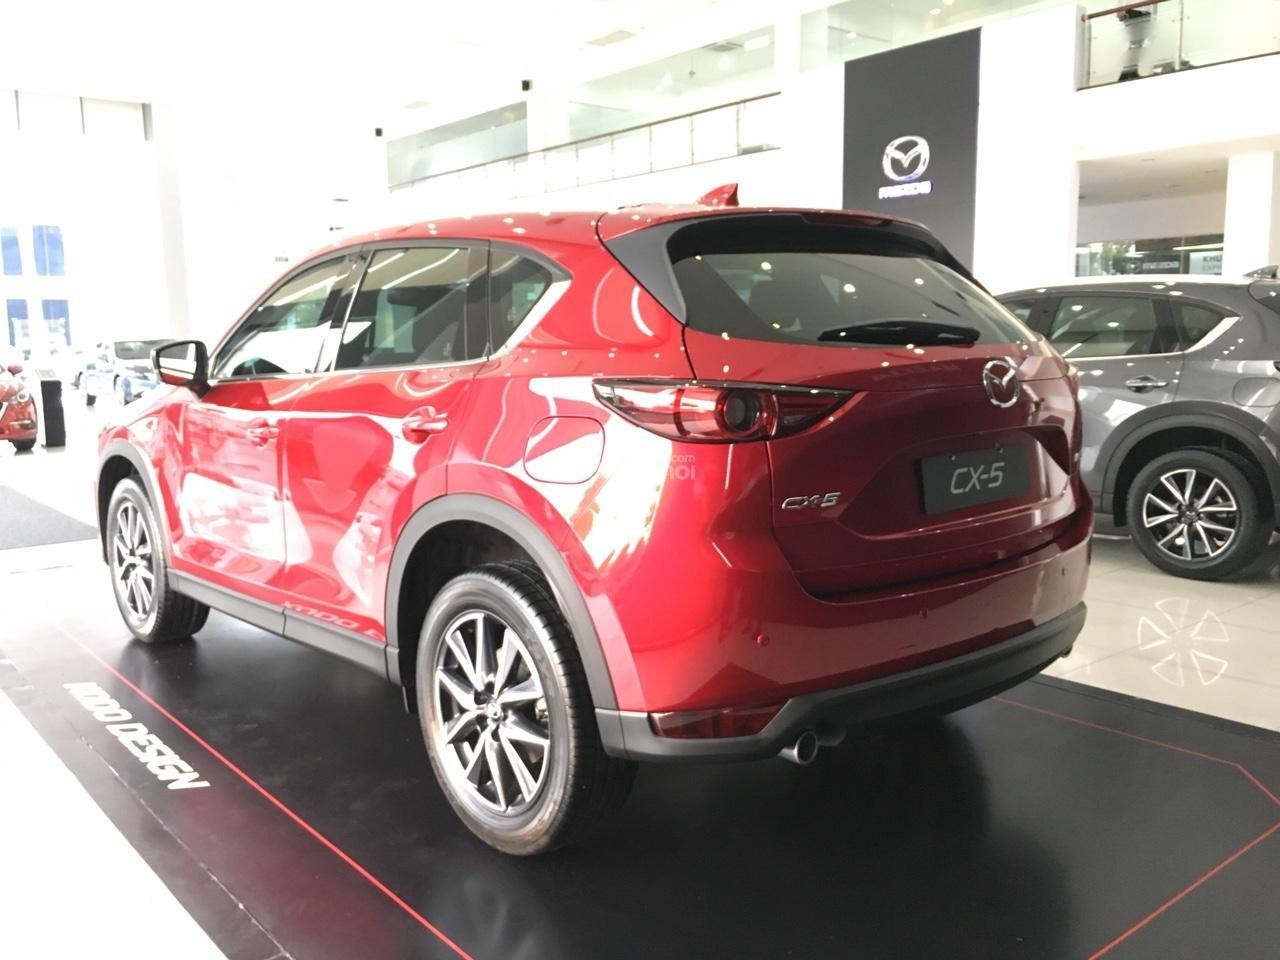 Bán xe Mazda New CX5 2019 đầy đủ màu có xe giao ngay giảm trực tiếp 32Tr khi liên hệ  0938.907.952-3